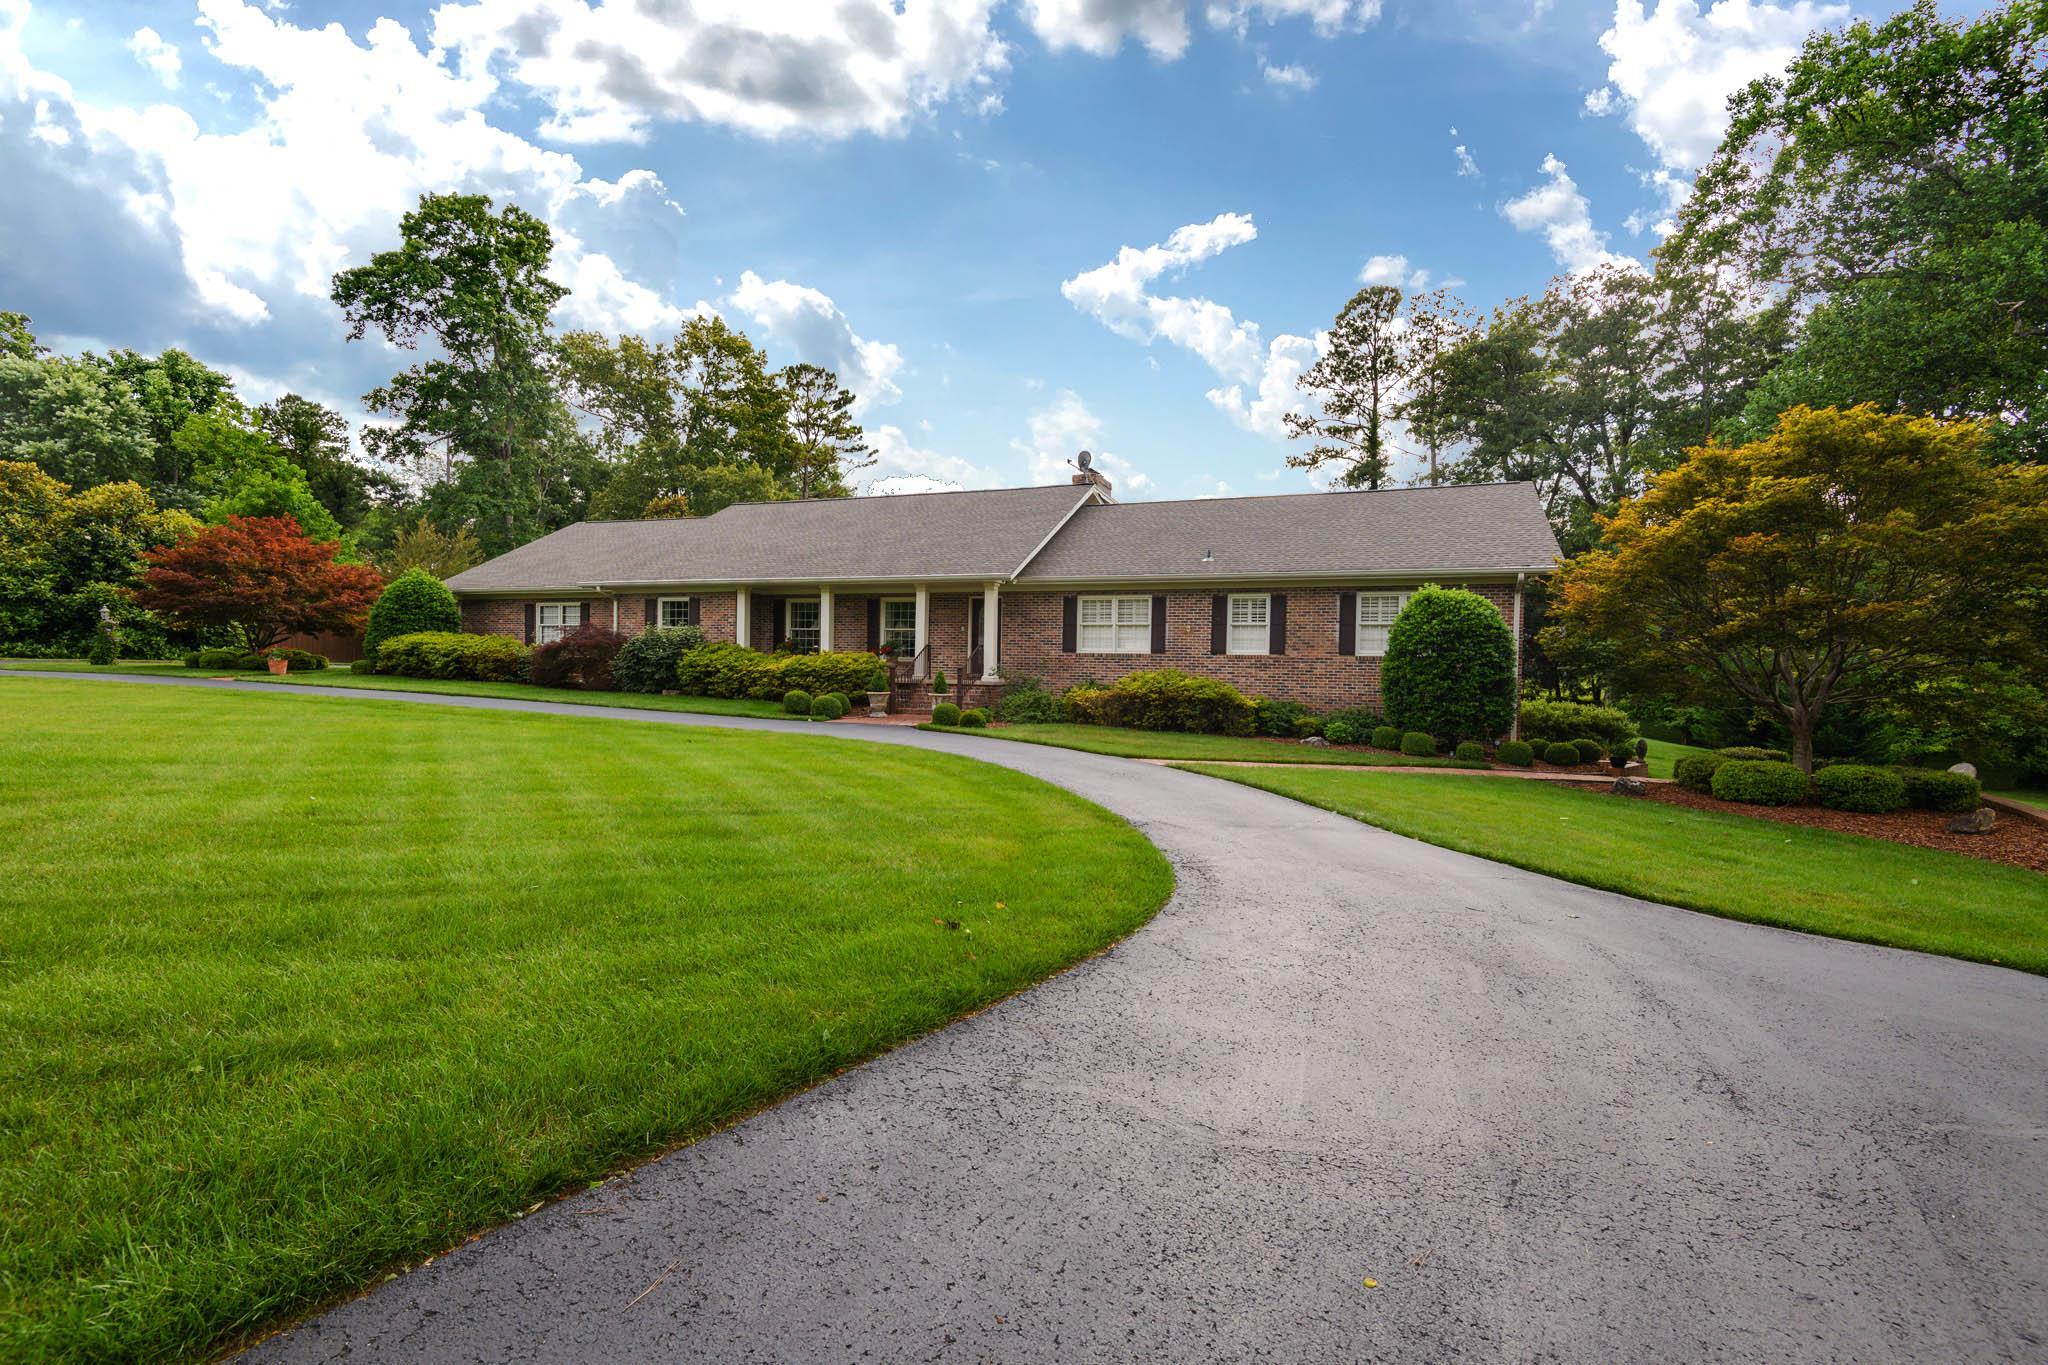 211 Lake Circle Dr, Tullahoma, TN 37388 - Tullahoma, TN real estate listing